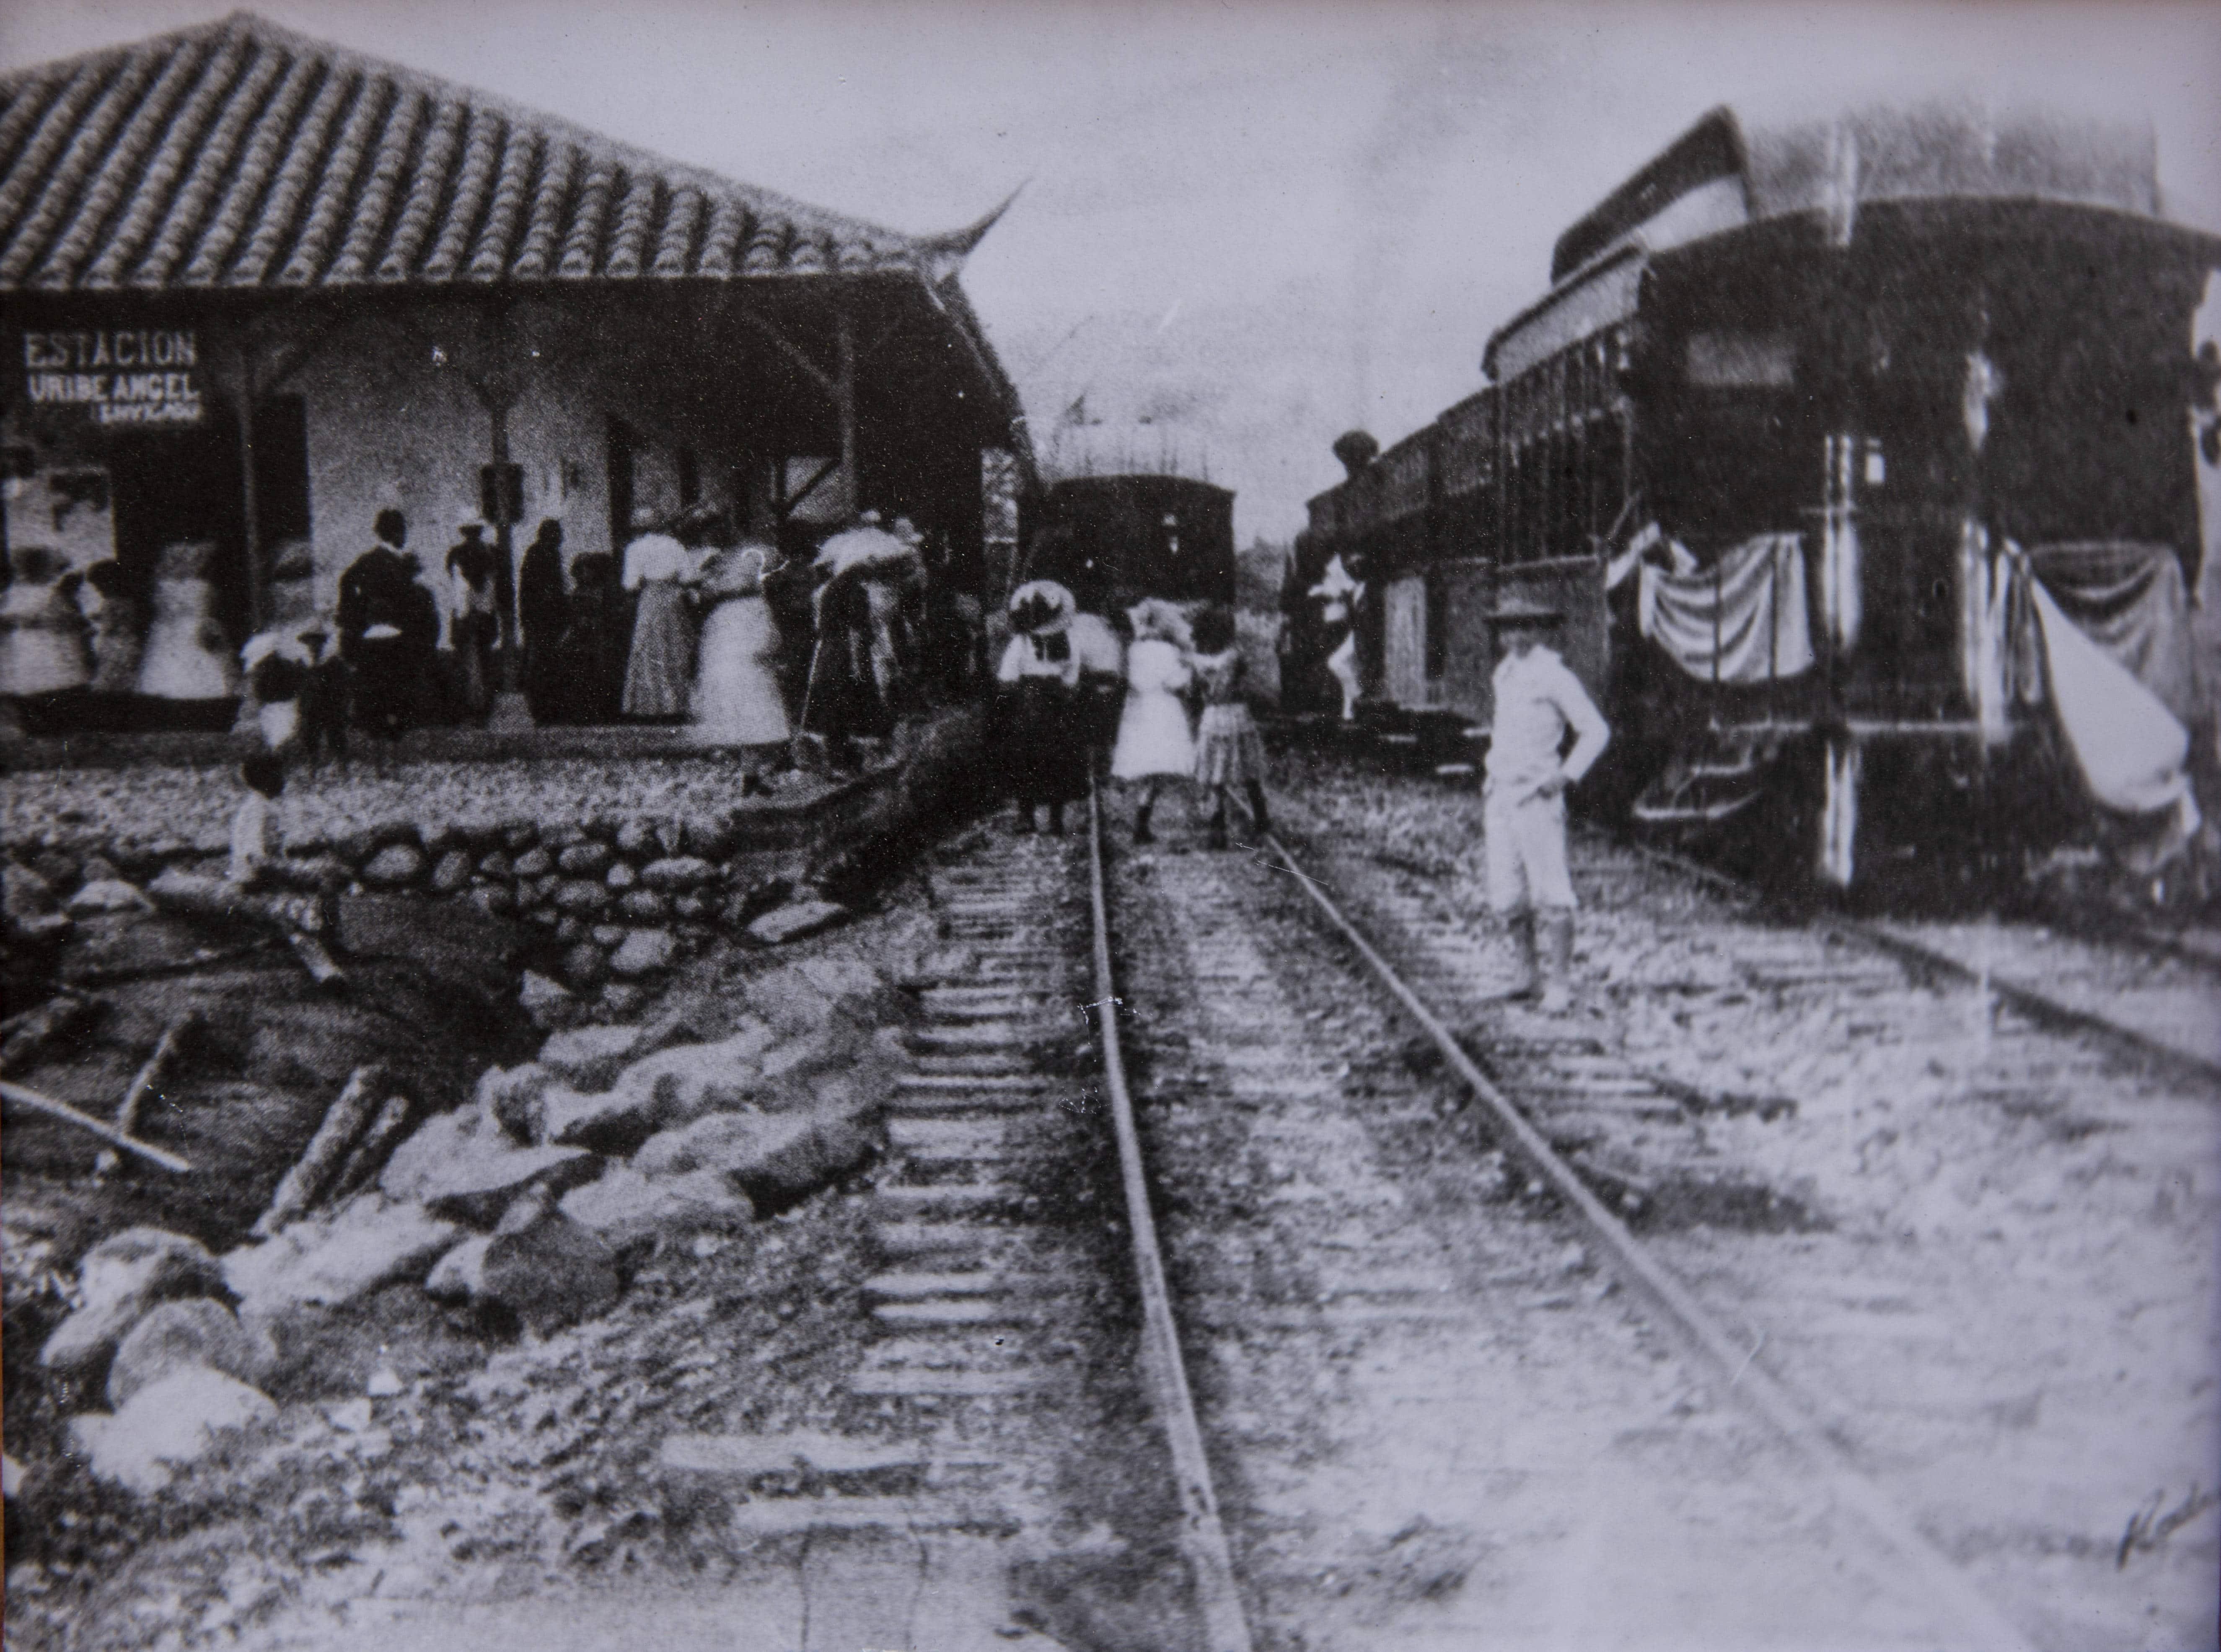 La vieja estación, en Las Vegas (hoy, al frente de Peldar).